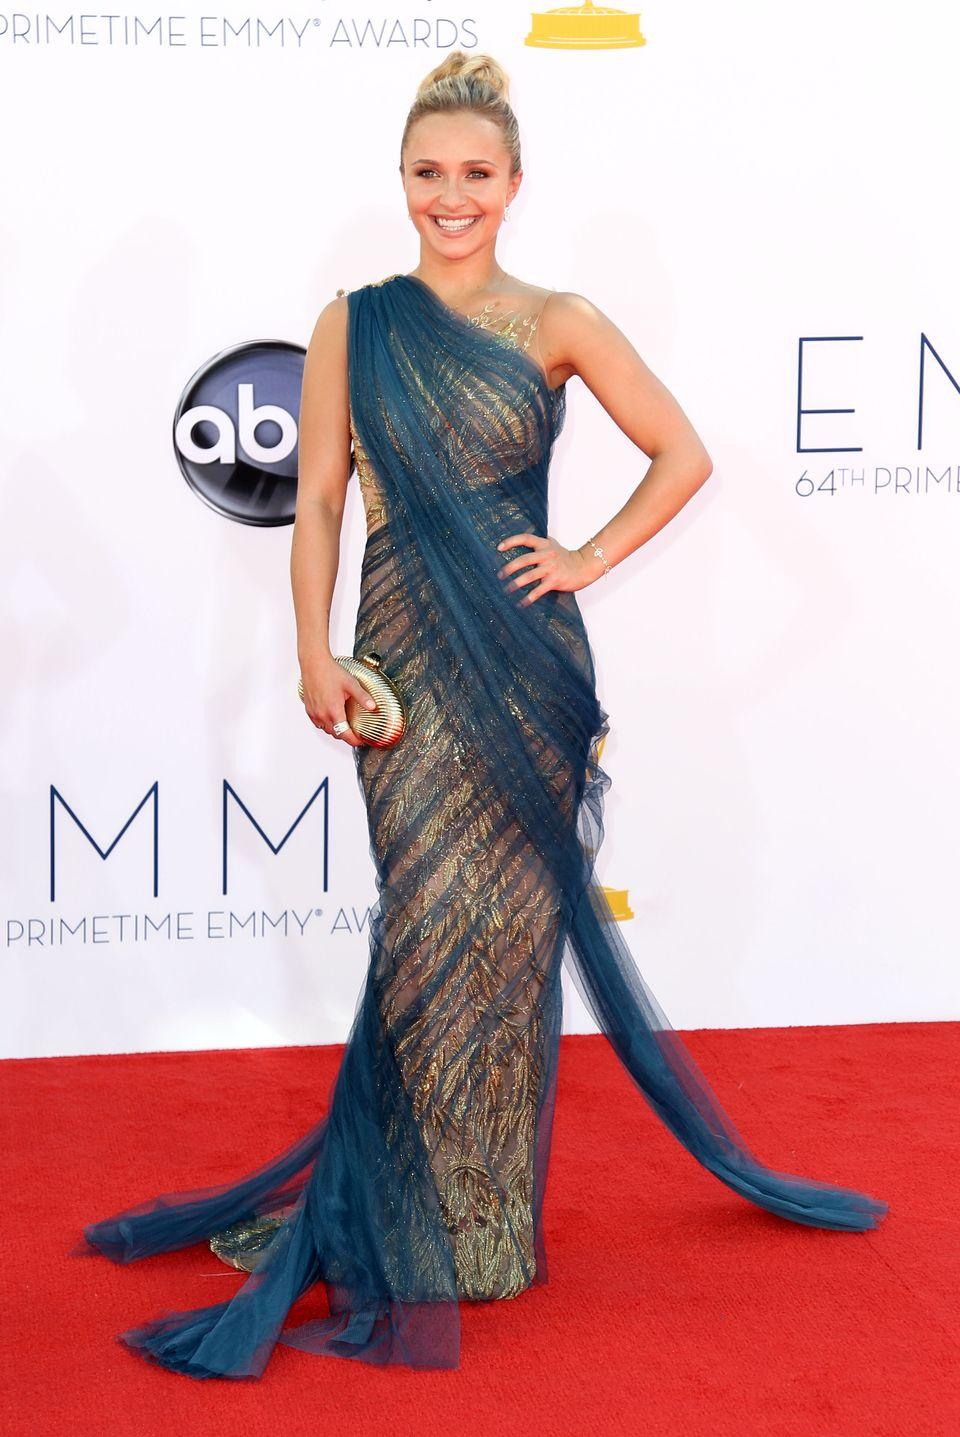 Hayden Panattiere - 2012 Emmy Awards, Red Carpet Looks